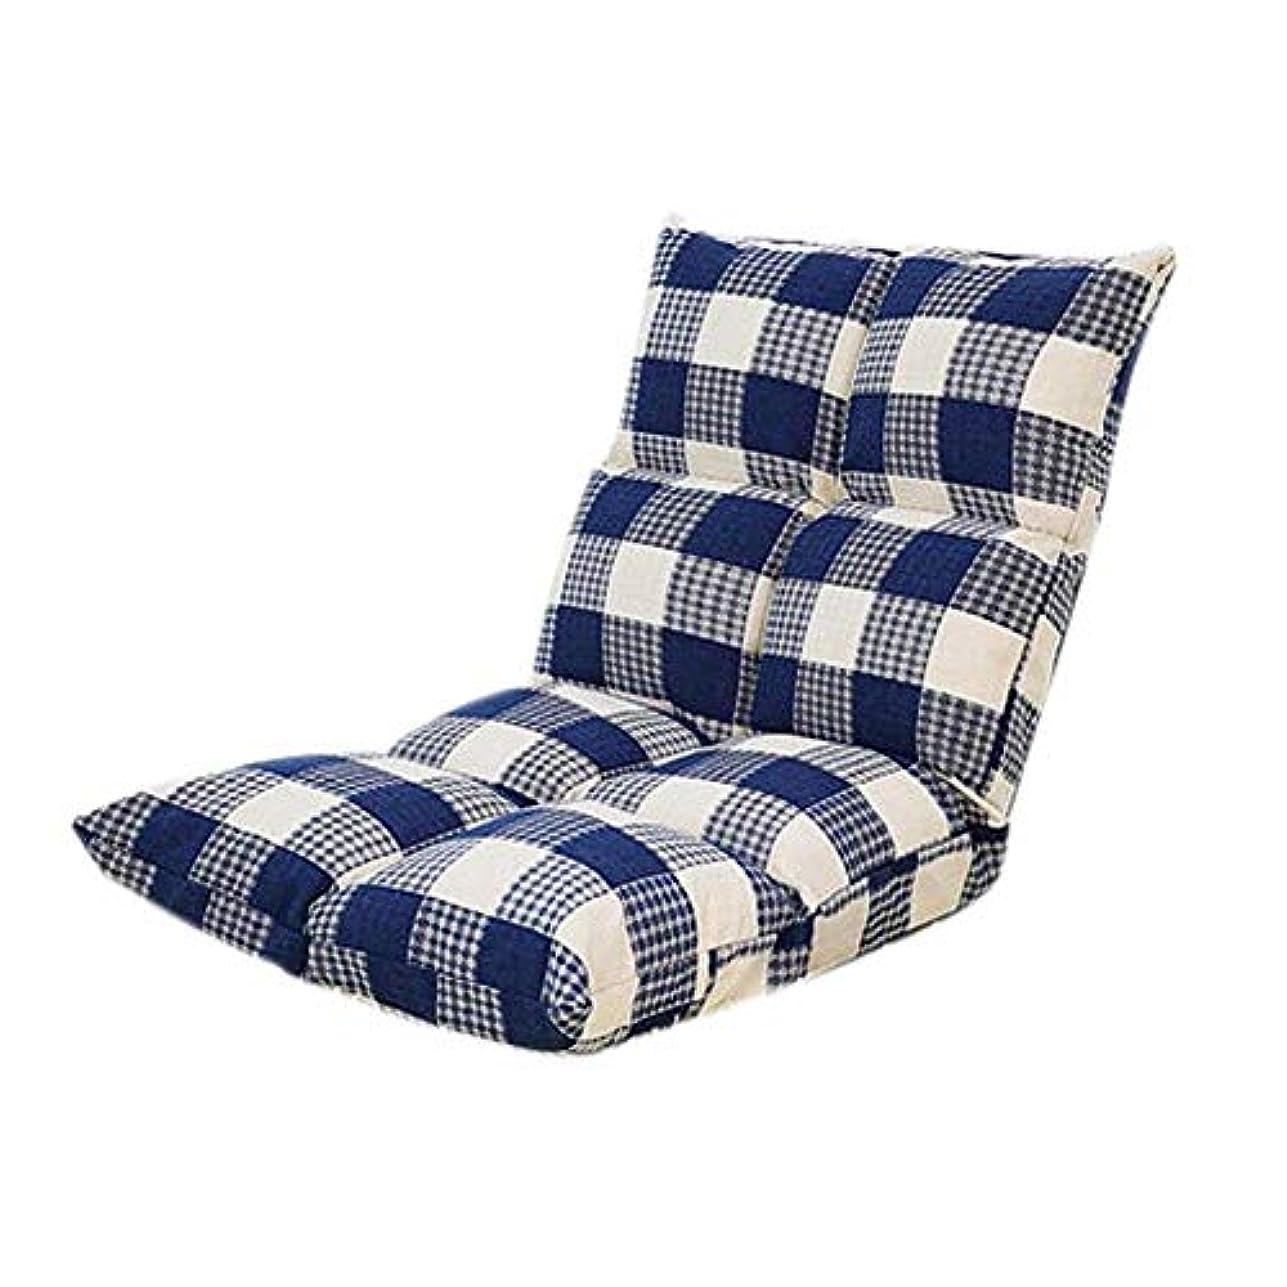 昇るショートカットほんの怠zyなフロアチェア、畳クッション、シングルメディテーションチェア、背もたれ一体型フロアクッション、折りたたみ式厚手バルコニー和風、調節可能な椅子怠Adjustなソファゲームチェア (Color : 青)